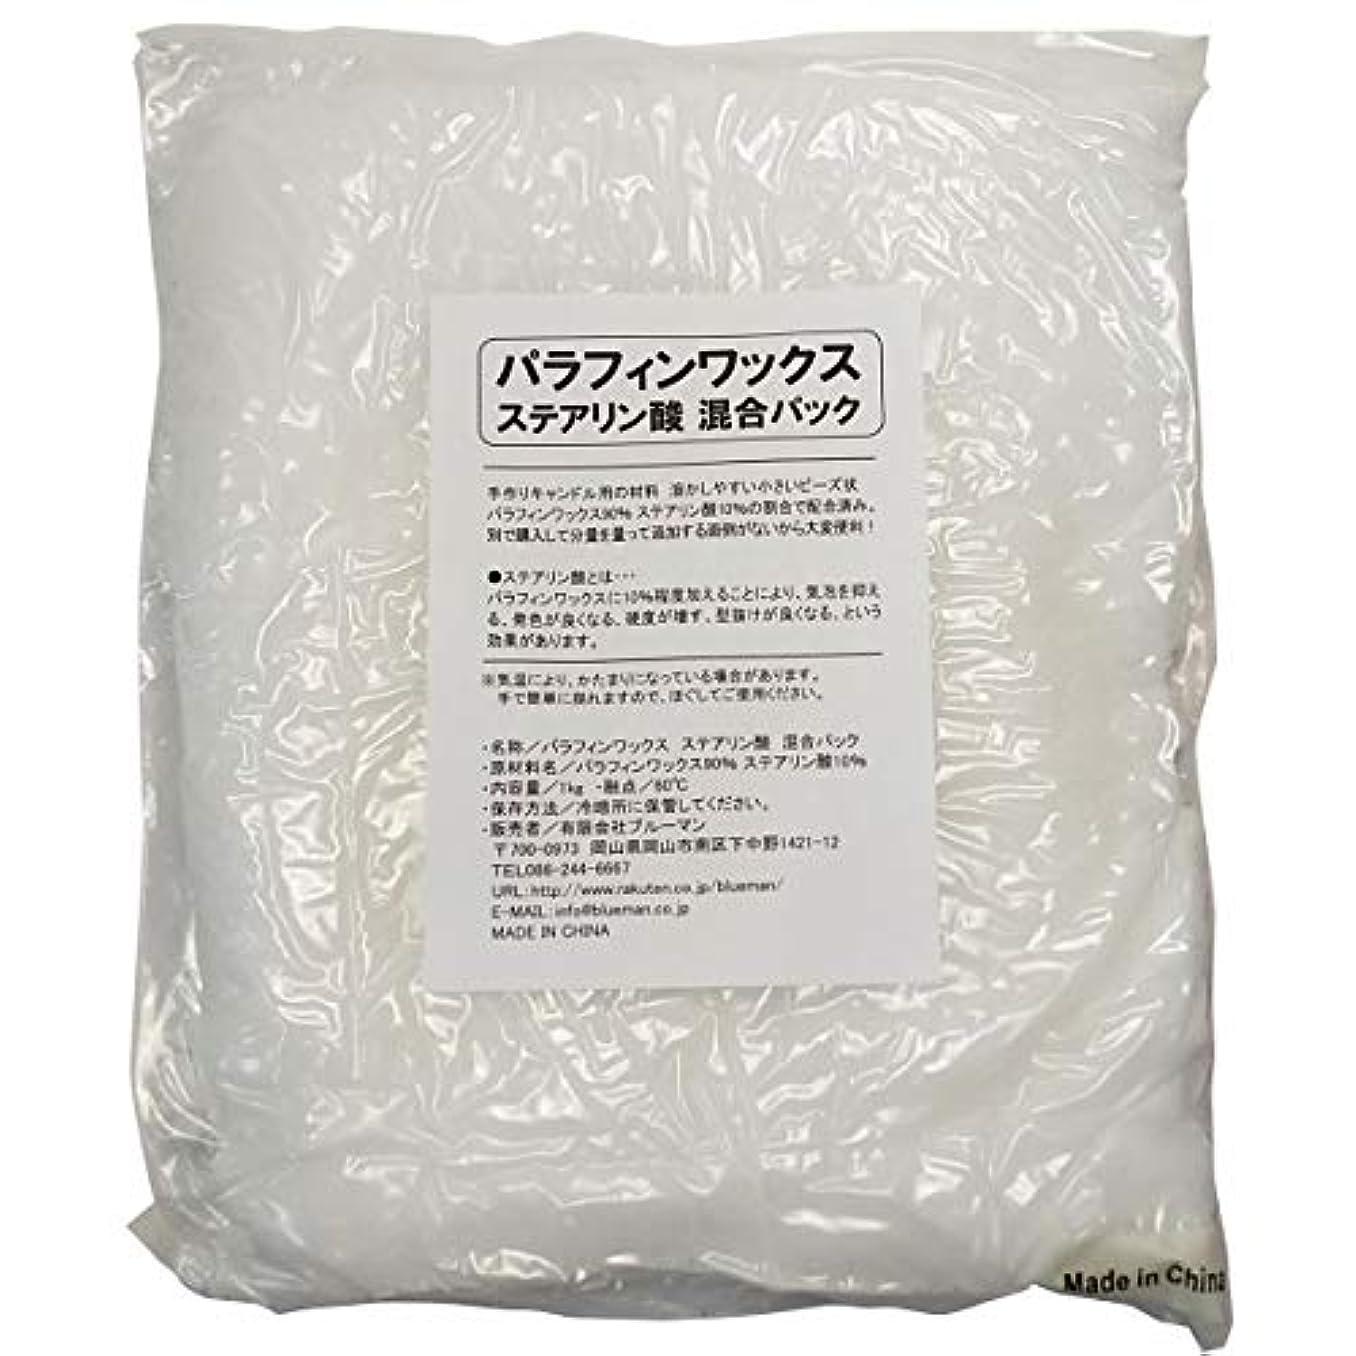 くびれたスラム街騒乱パラフィンワックス ステアリン酸 混合パック 1kg 手作りキャンドル 材料 1キロ アロマワックスサシェ